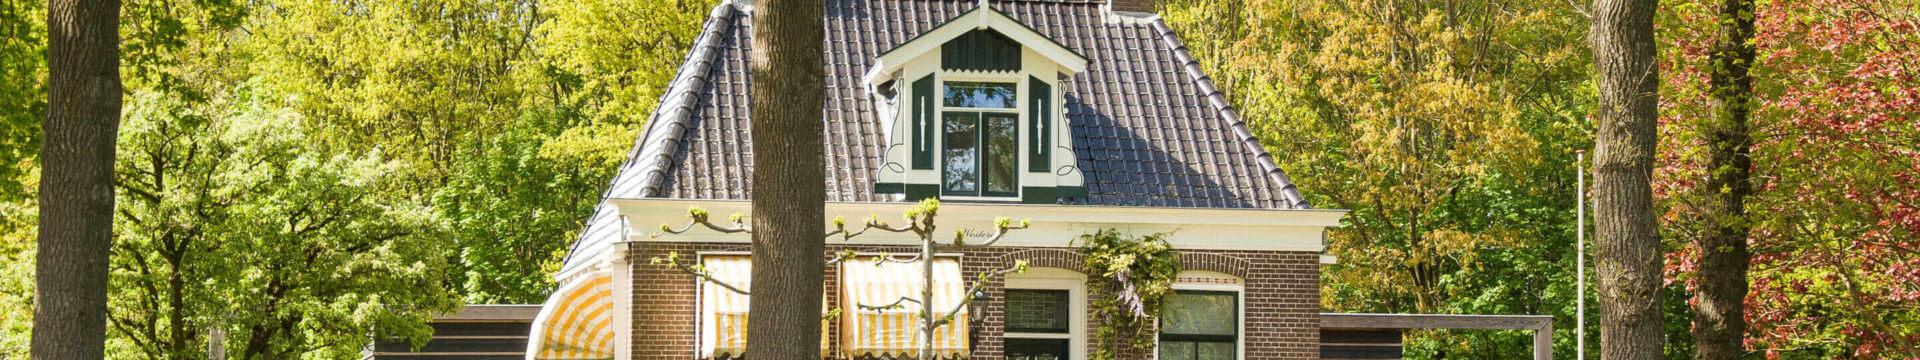 Makelaar voor Landelijk en Bijzonder wonen in Friesland | Mijn Buitenplaats Makelaardij